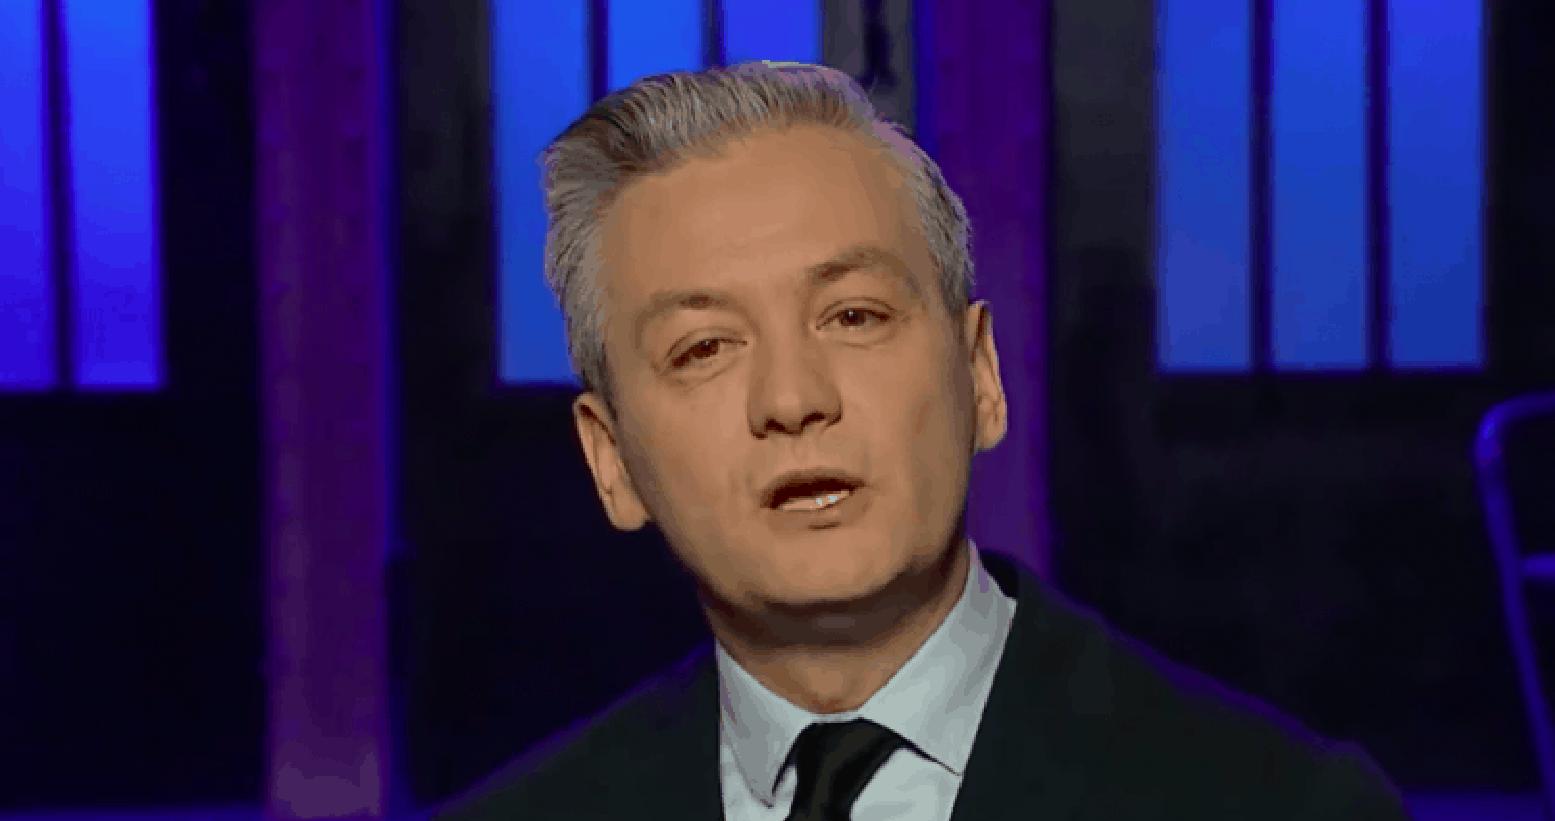 Robert Biedroń jest jednym z najbardziej popularnych polskich polityków ostatnich lat. Zdaniem wielu ta tendencja spowodowana jest orientacją seksualną.